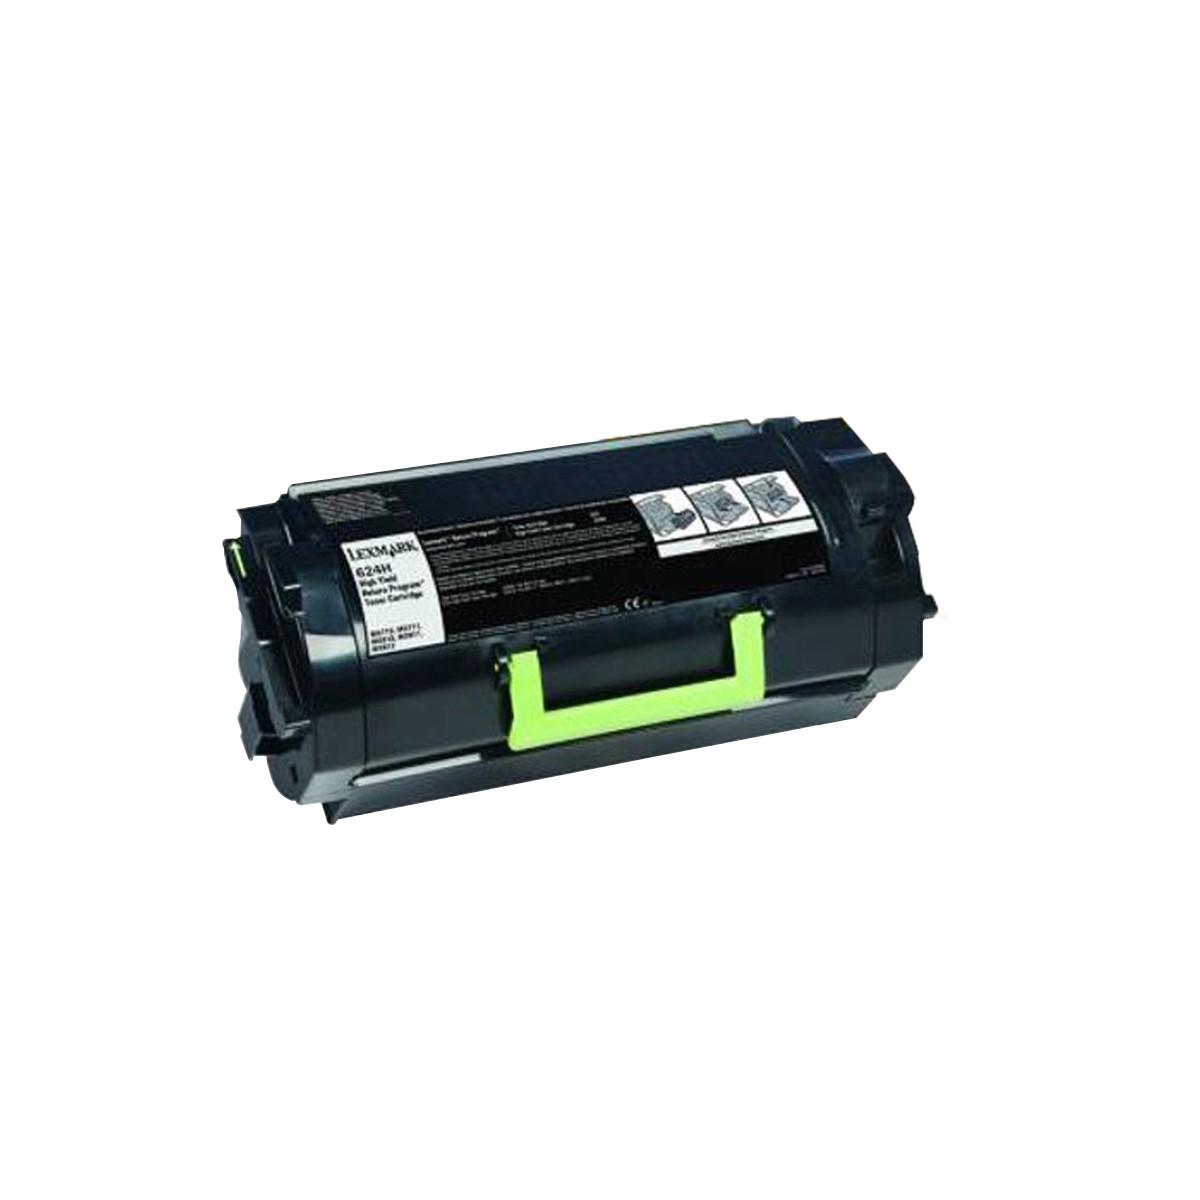 Toner Compatível com Lexmark 624H 62DBH00 | MX710 MX711 MX810 MX811 MX812 | Katun Select 25k